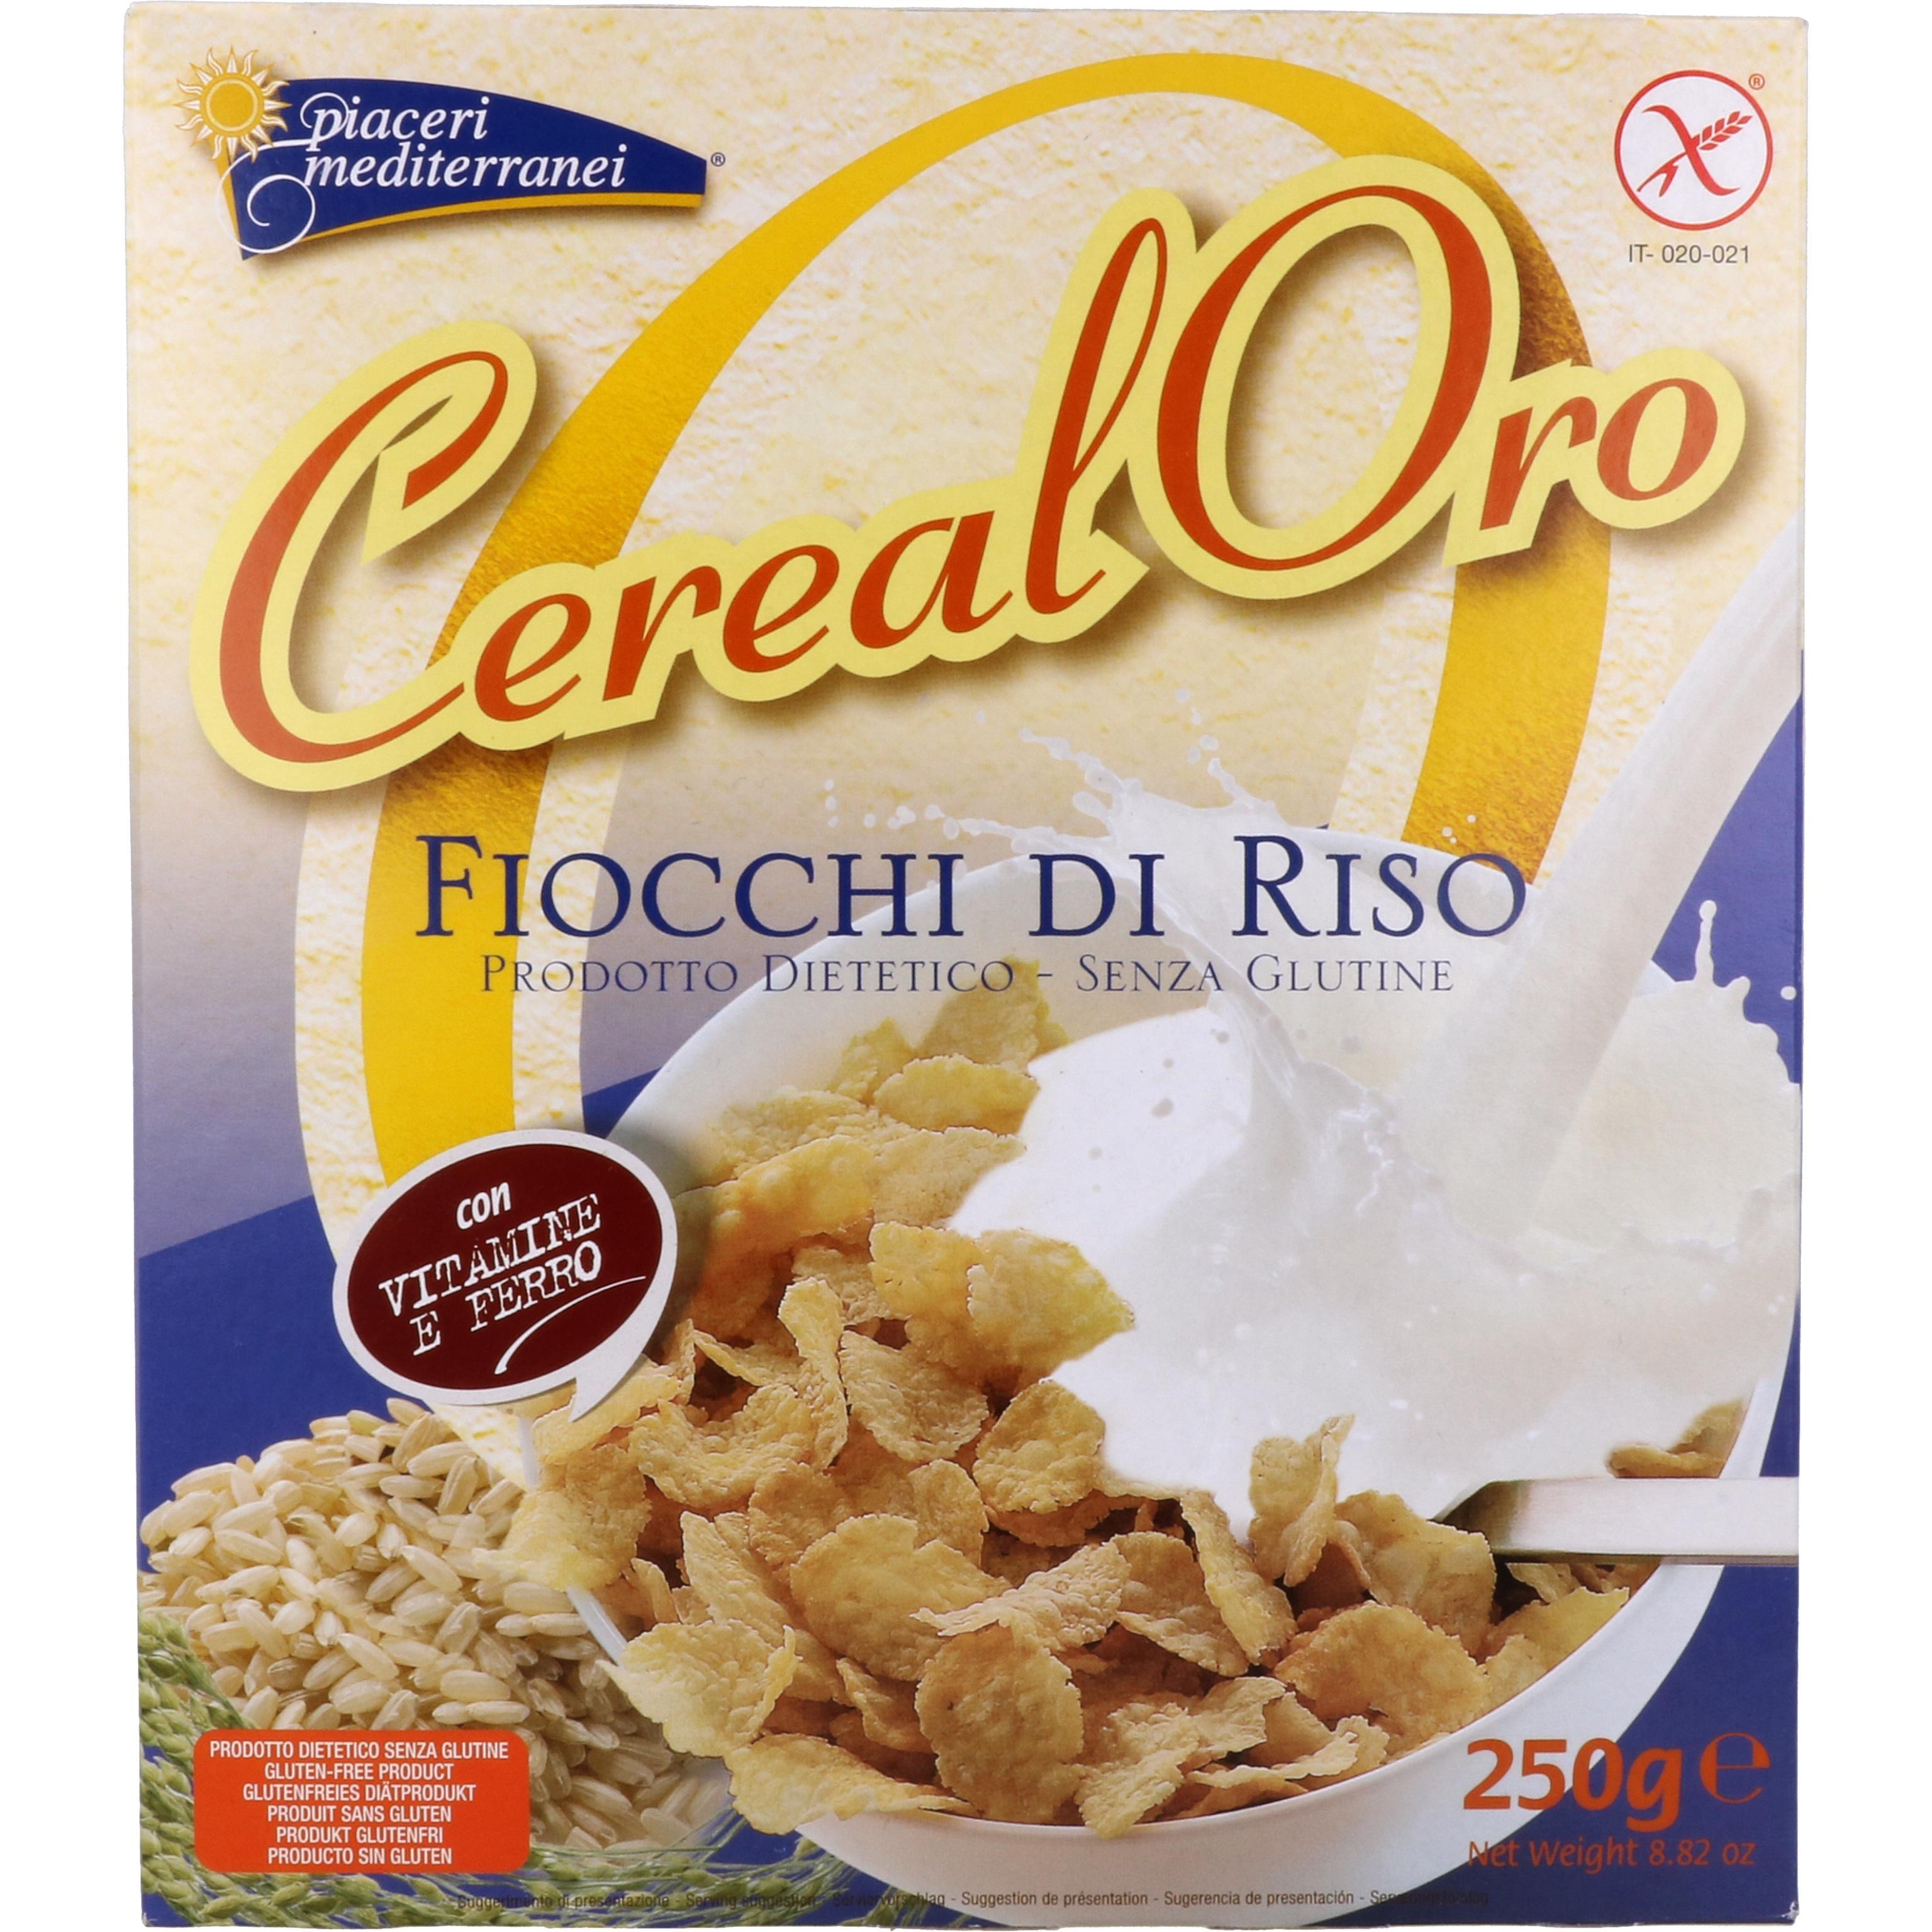 Piaceri Mediterranei Cereal Oro Fiocchi di Riso Cornflakes 250g